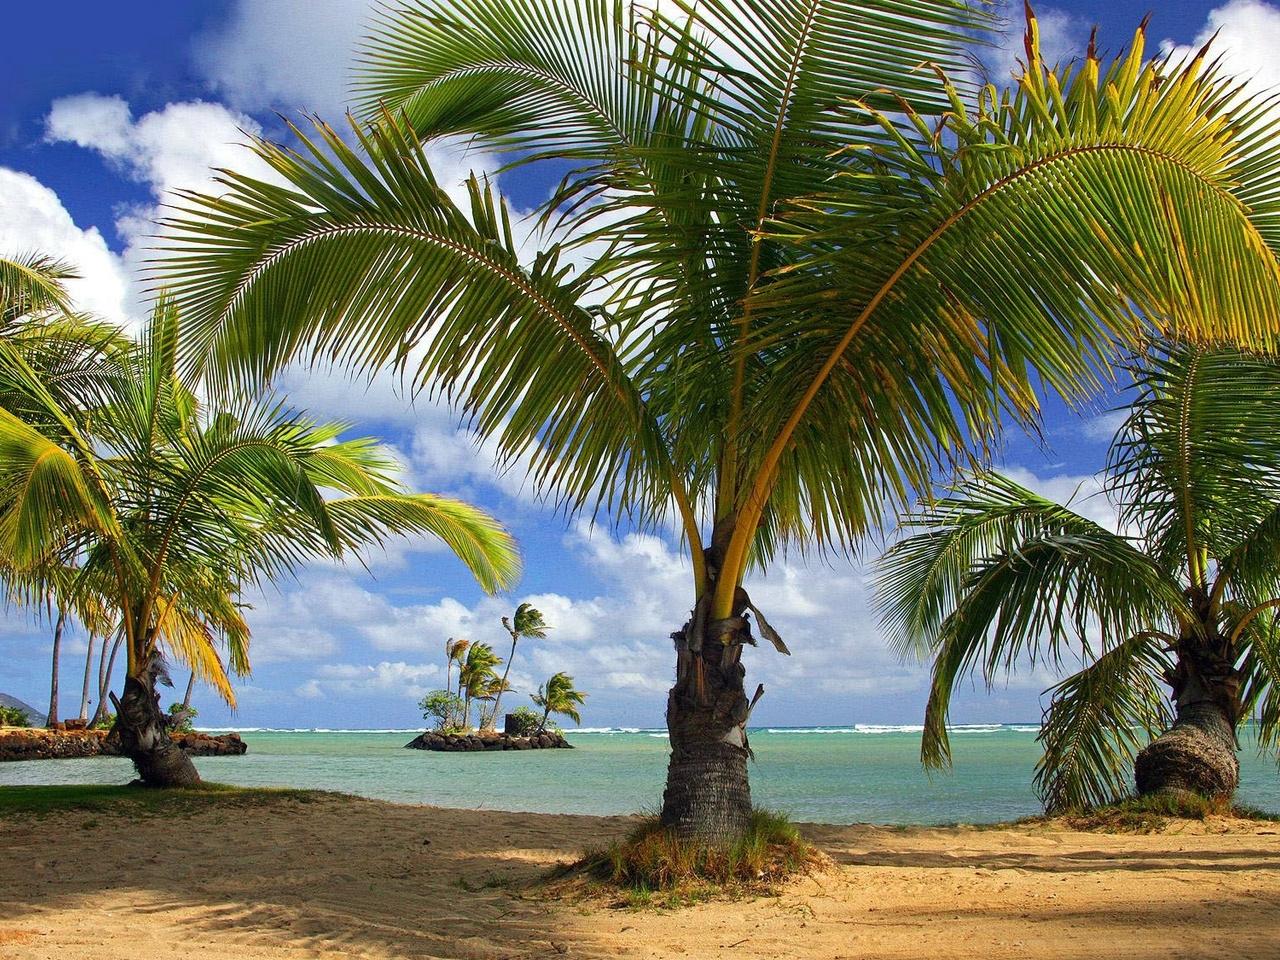 45682壁紙のダウンロード風景, 自然, 海, ビーチ, パームス-スクリーンセーバーと写真を無料で